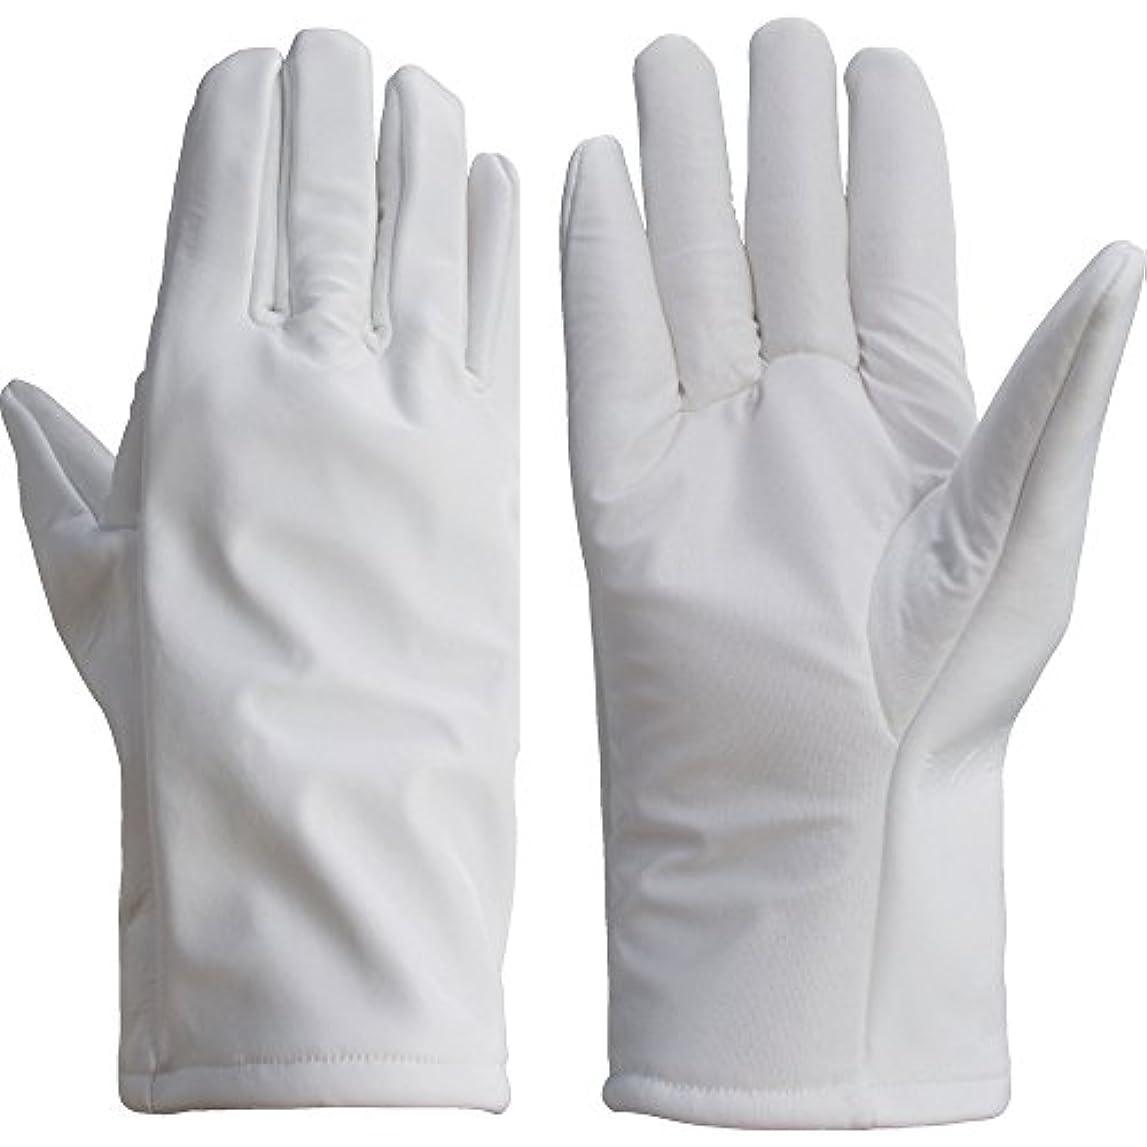 内なるお香丘ウインセス クリーン耐熱手袋 M (1双入) 3904-M 耐熱手袋